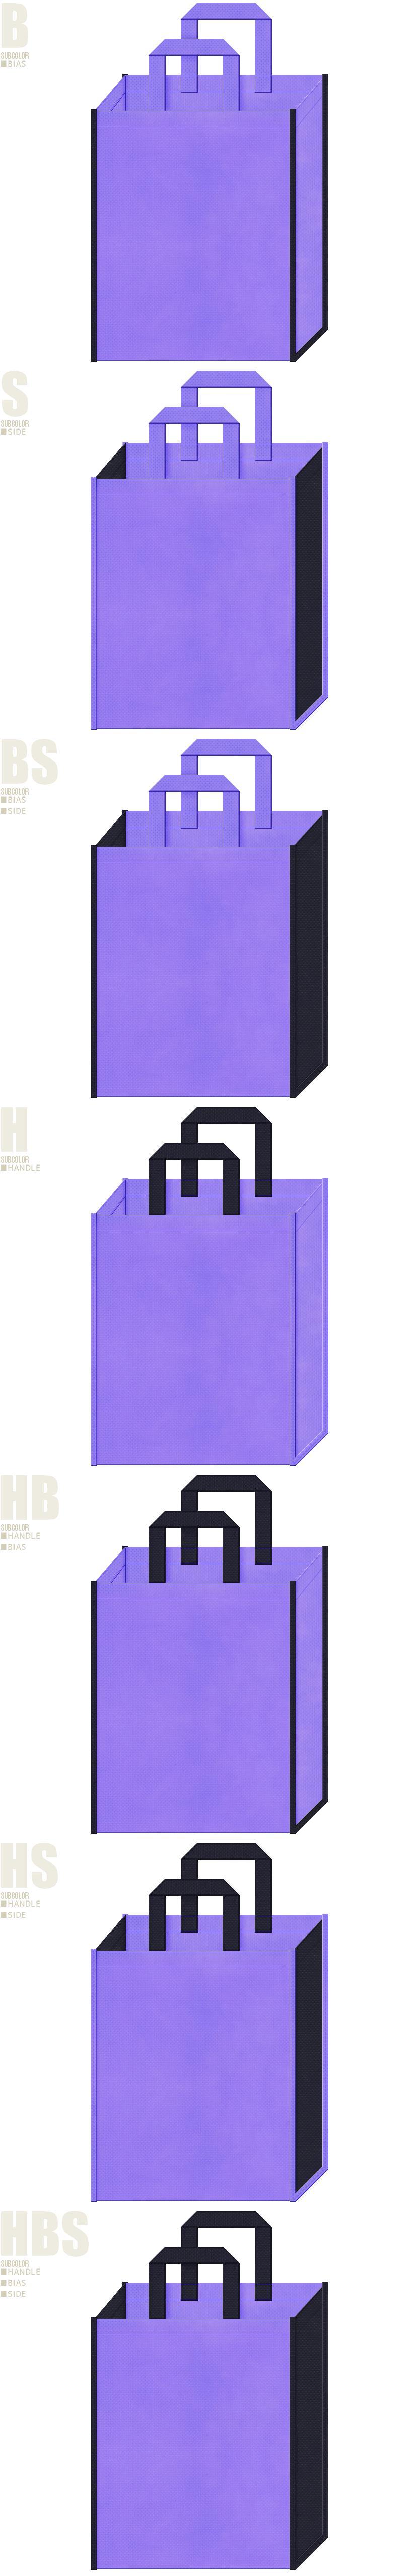 天体観測・星座・プラネタリウム・星占い・神話・伝説・魔法・ミステリー・ホラー・ACT・STG・FTG・ゲームの展示会用バッグにお奨めの不織布バッグデザイン:薄紫色と濃紺色の配色7パターン